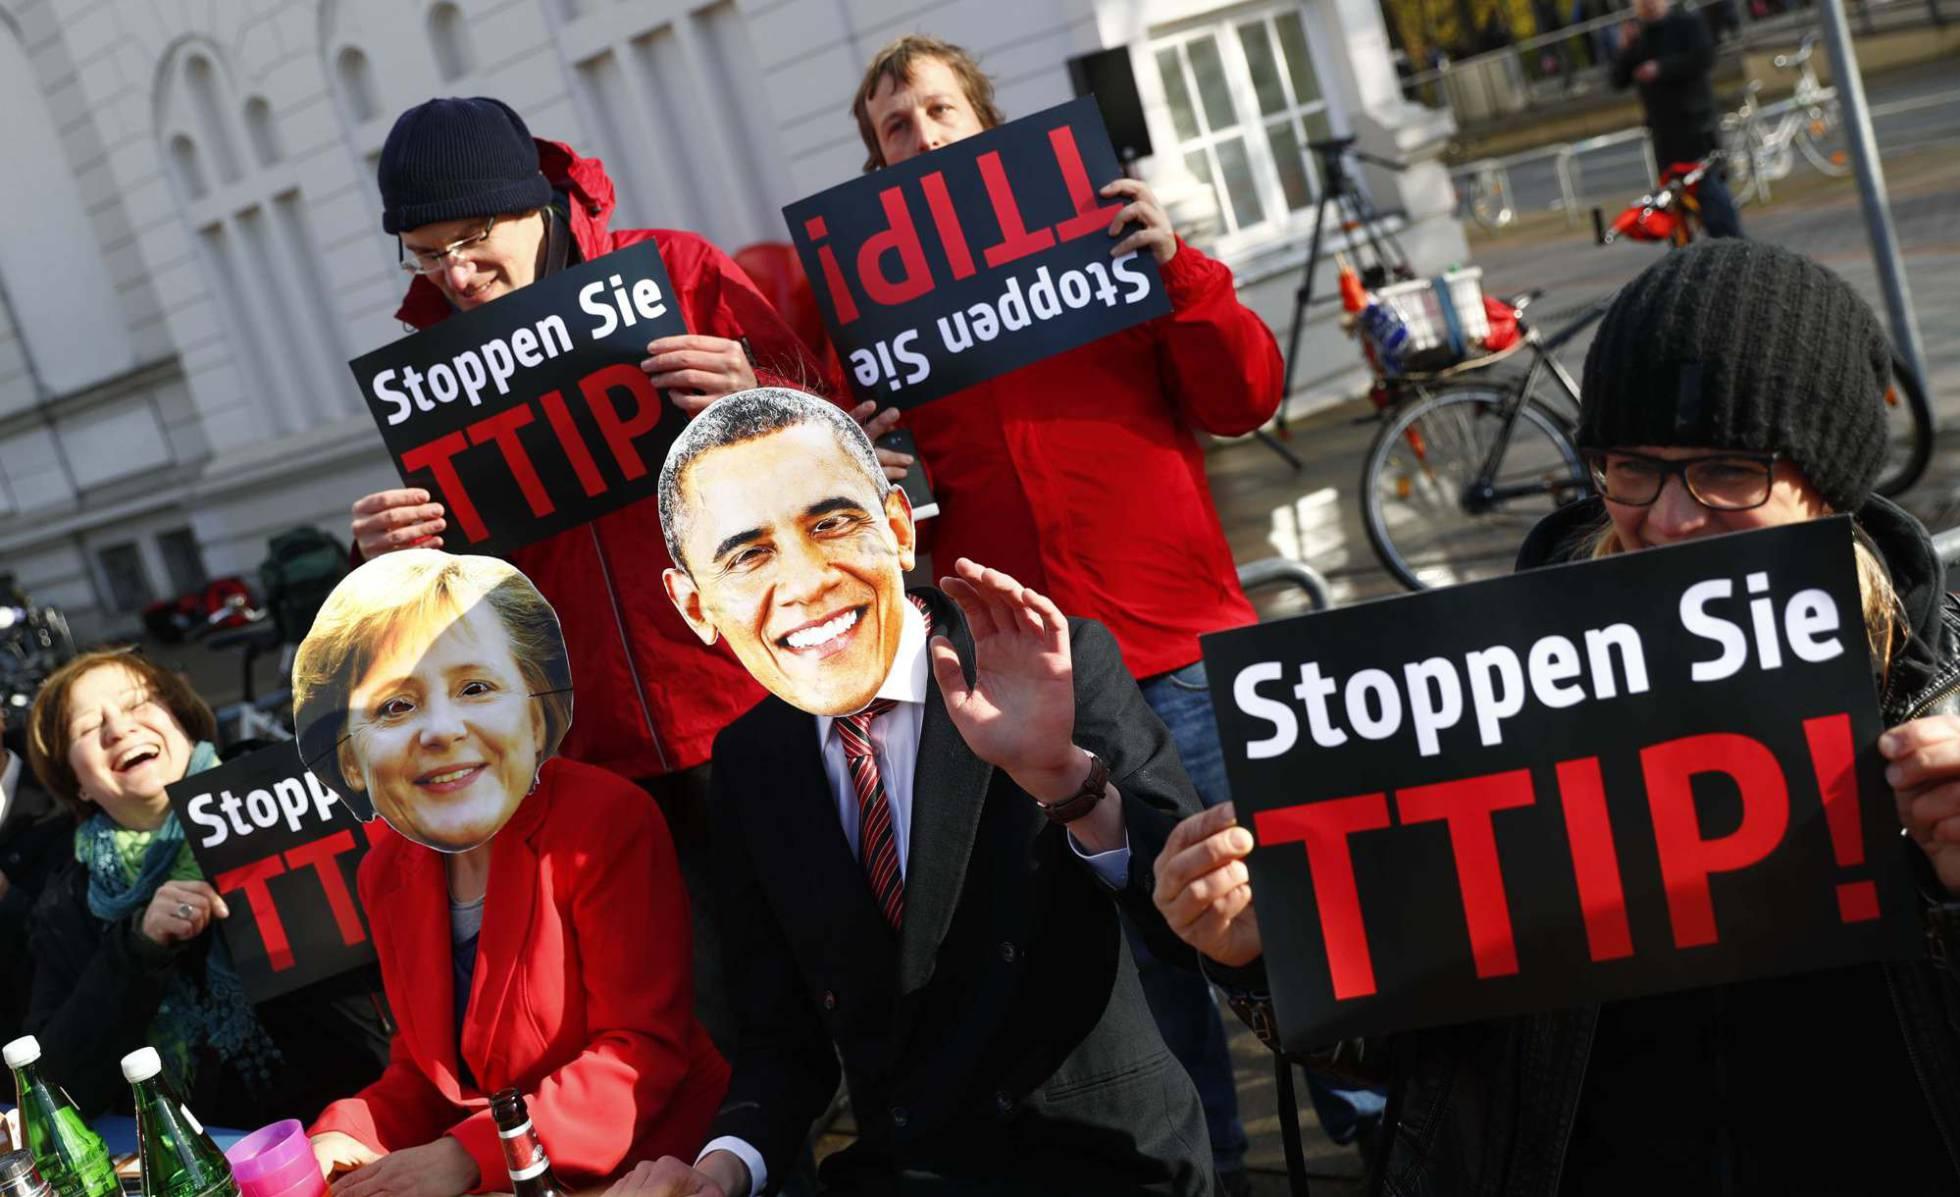 TTIP-Asociación Transatlántica para el Comercio y la Inversión. Acuerdo de libre comercio EUA-UE 1462117710_697215_1462123248_noticia_normal_recorte1